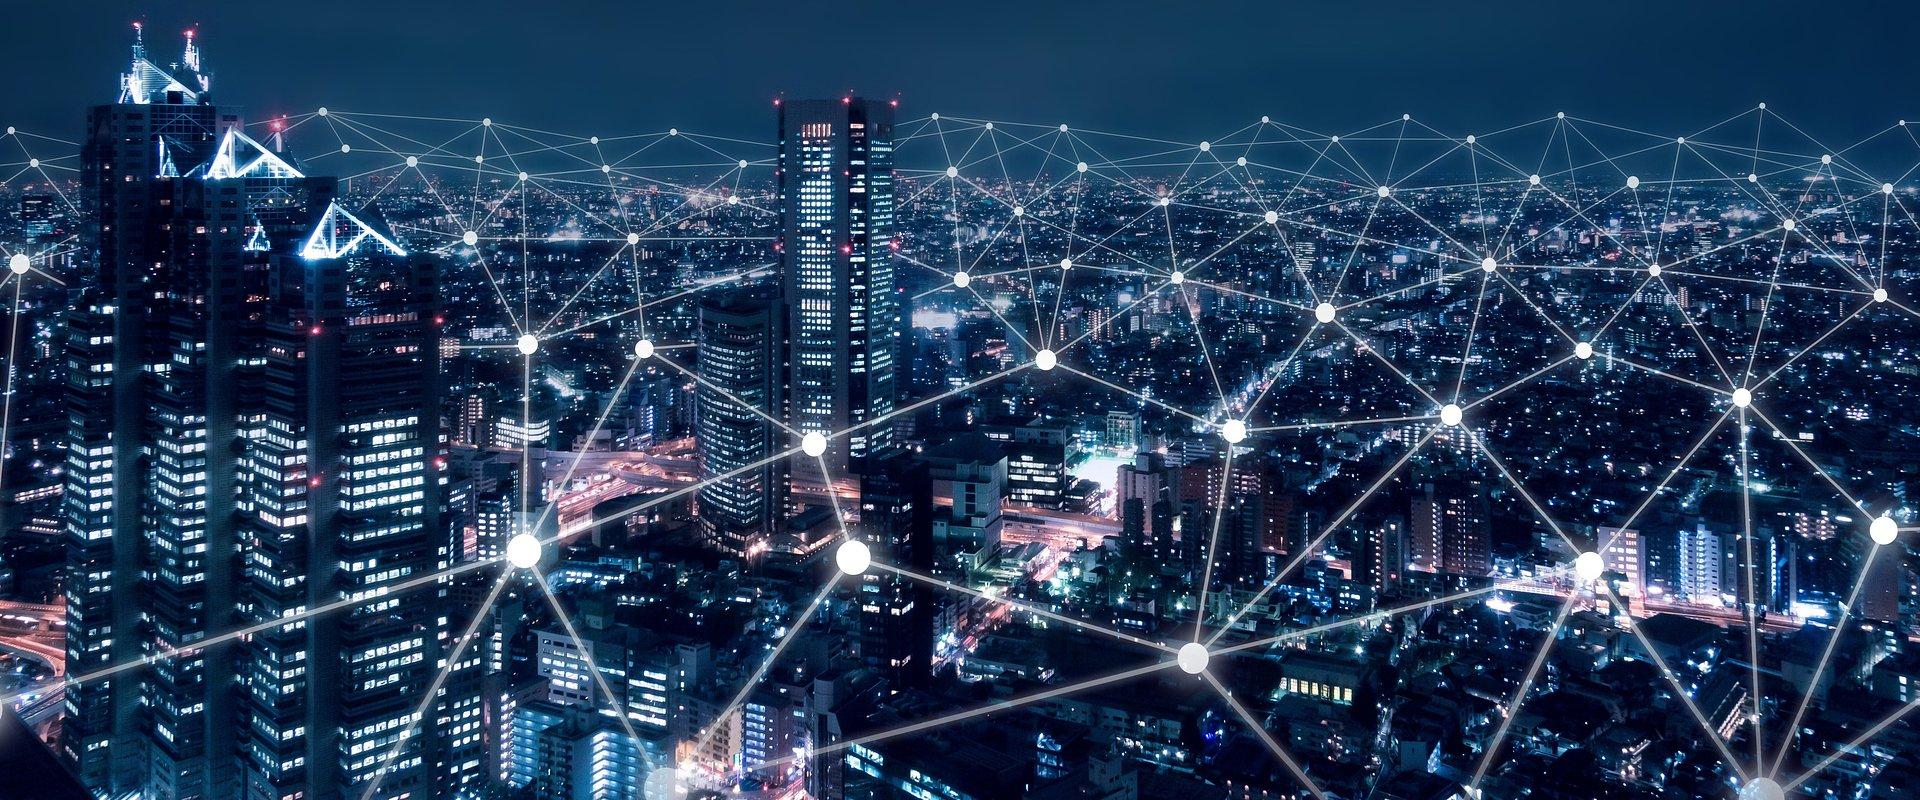 Fundacja Digital Poland i Polska Agencja Inwestycji i Handlu (PAIH) będą promować firmy technologiczne